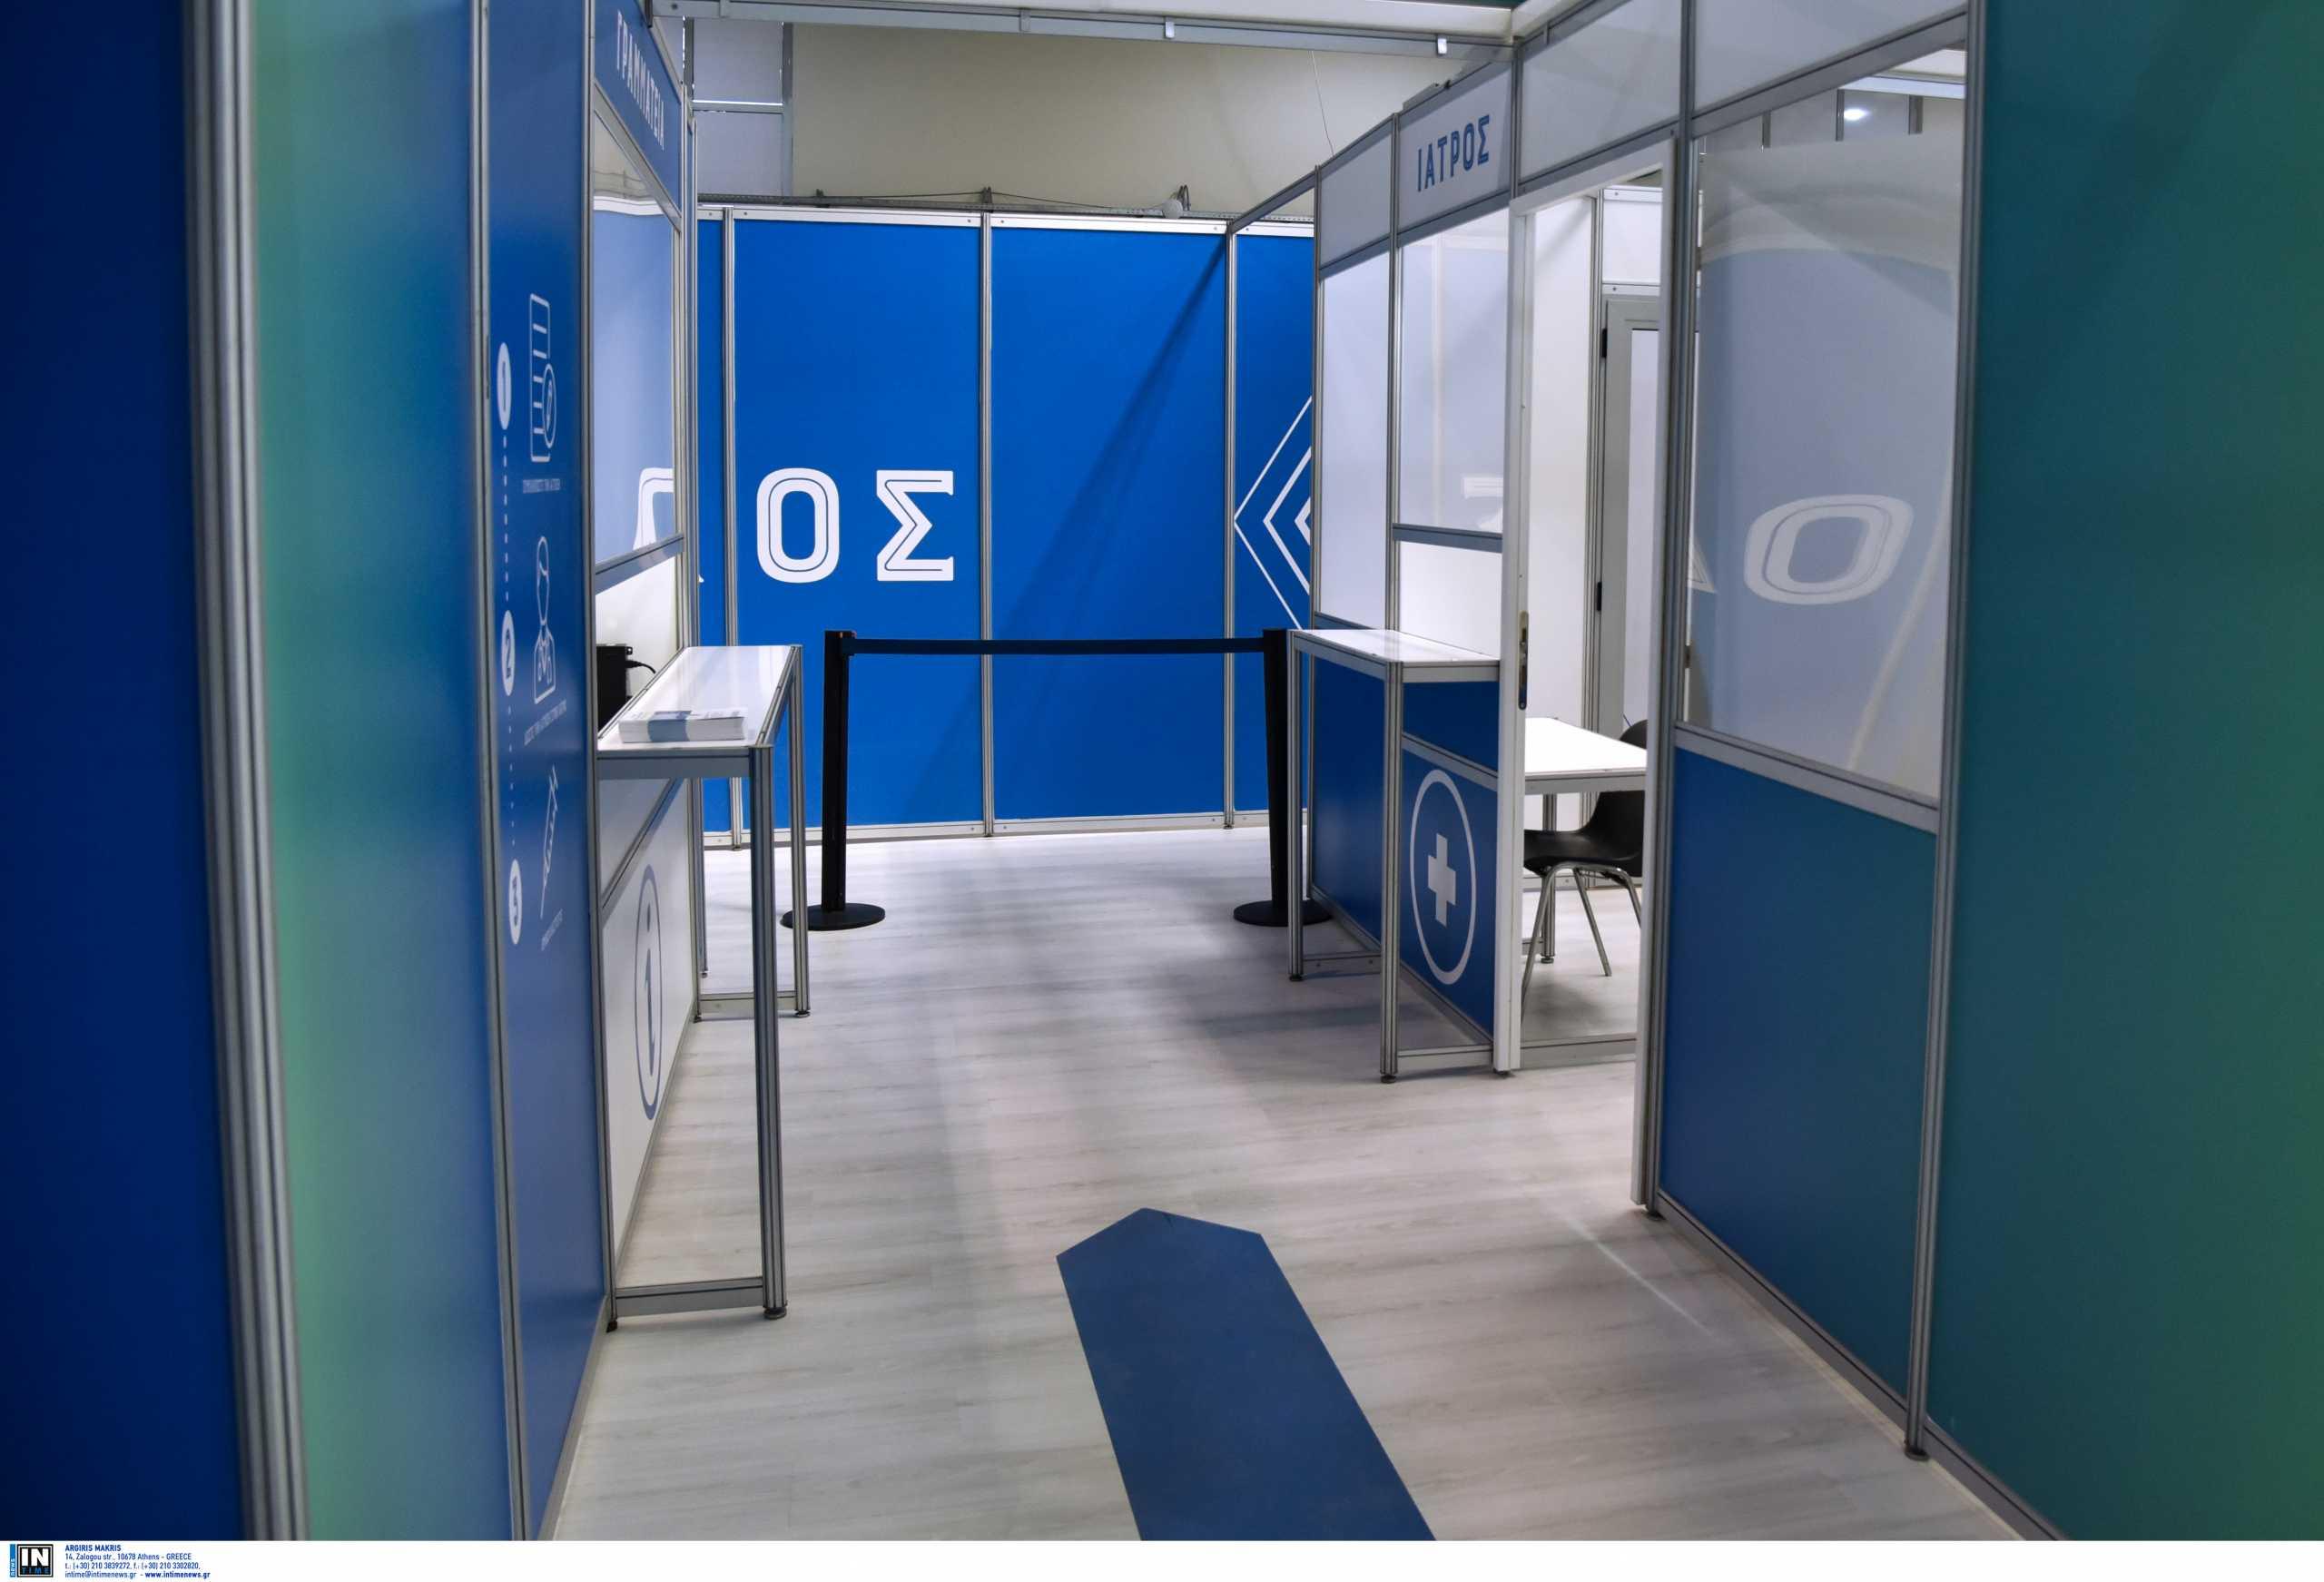 Κορονοϊός: Η Ένωση Εισαγγελέων απαντά στα περί «επιλεκτικού εμβολιασμού» κατά προτεραιότητα